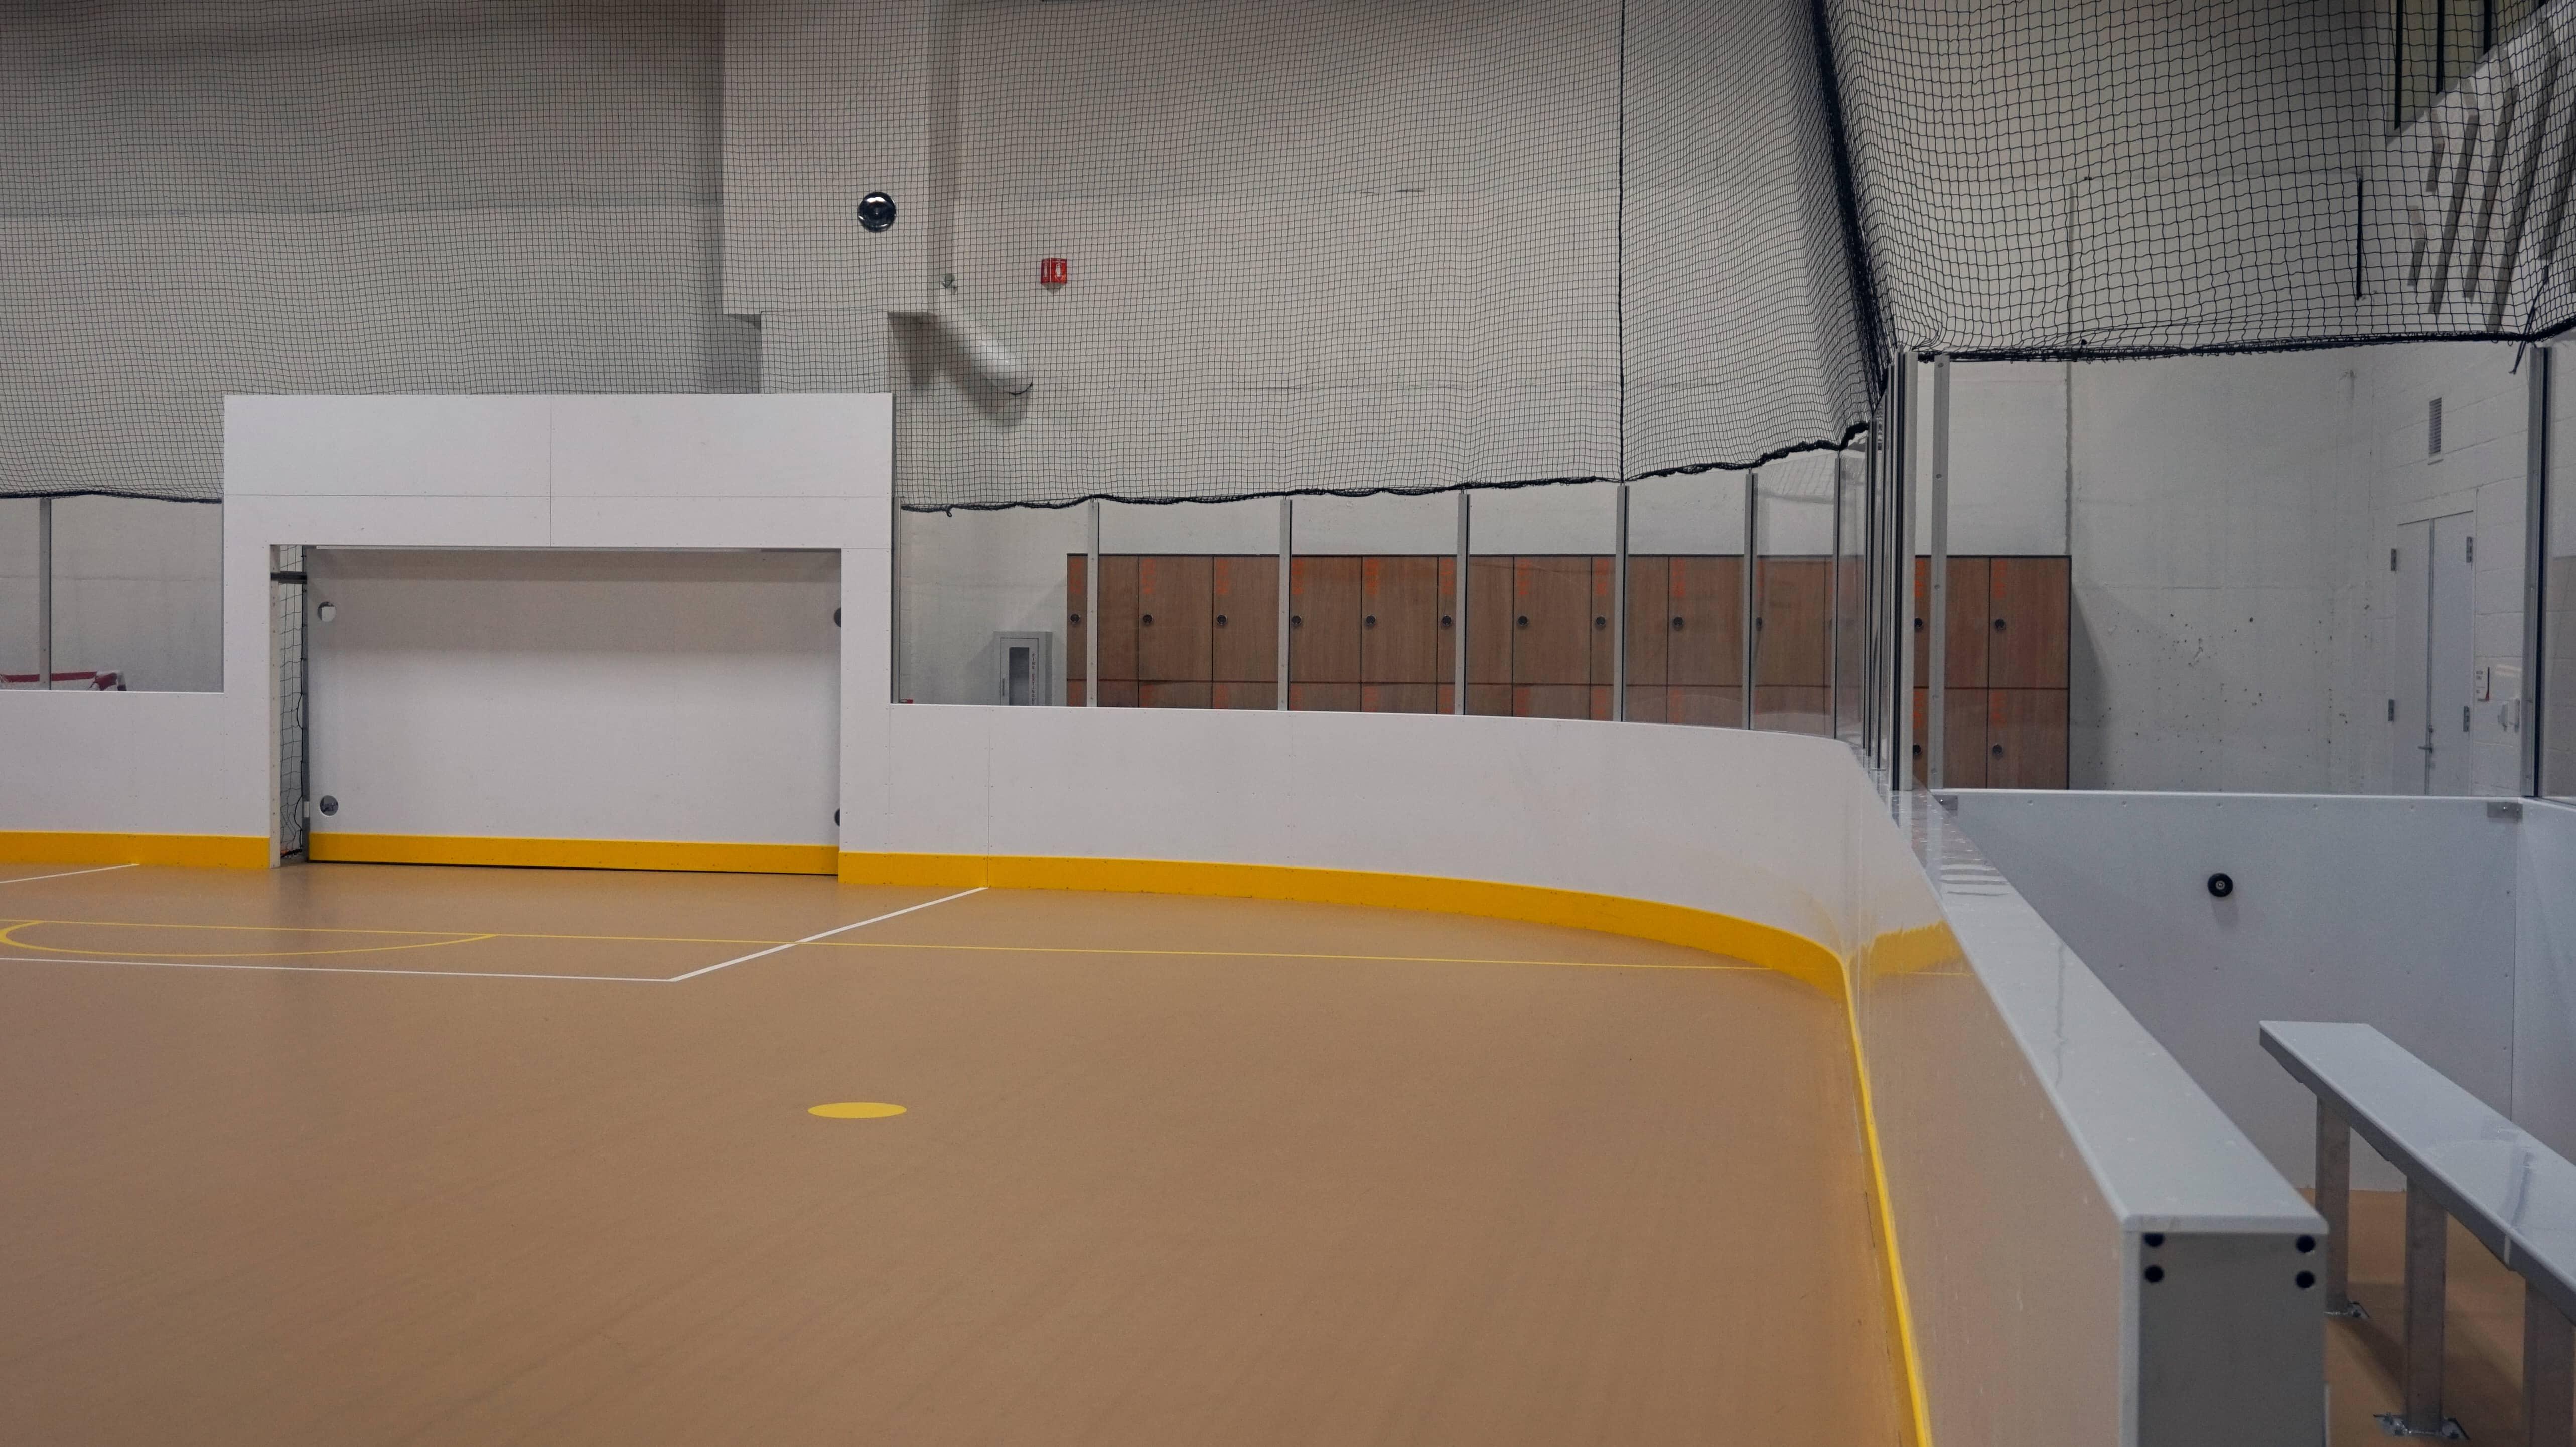 Multi-use facility